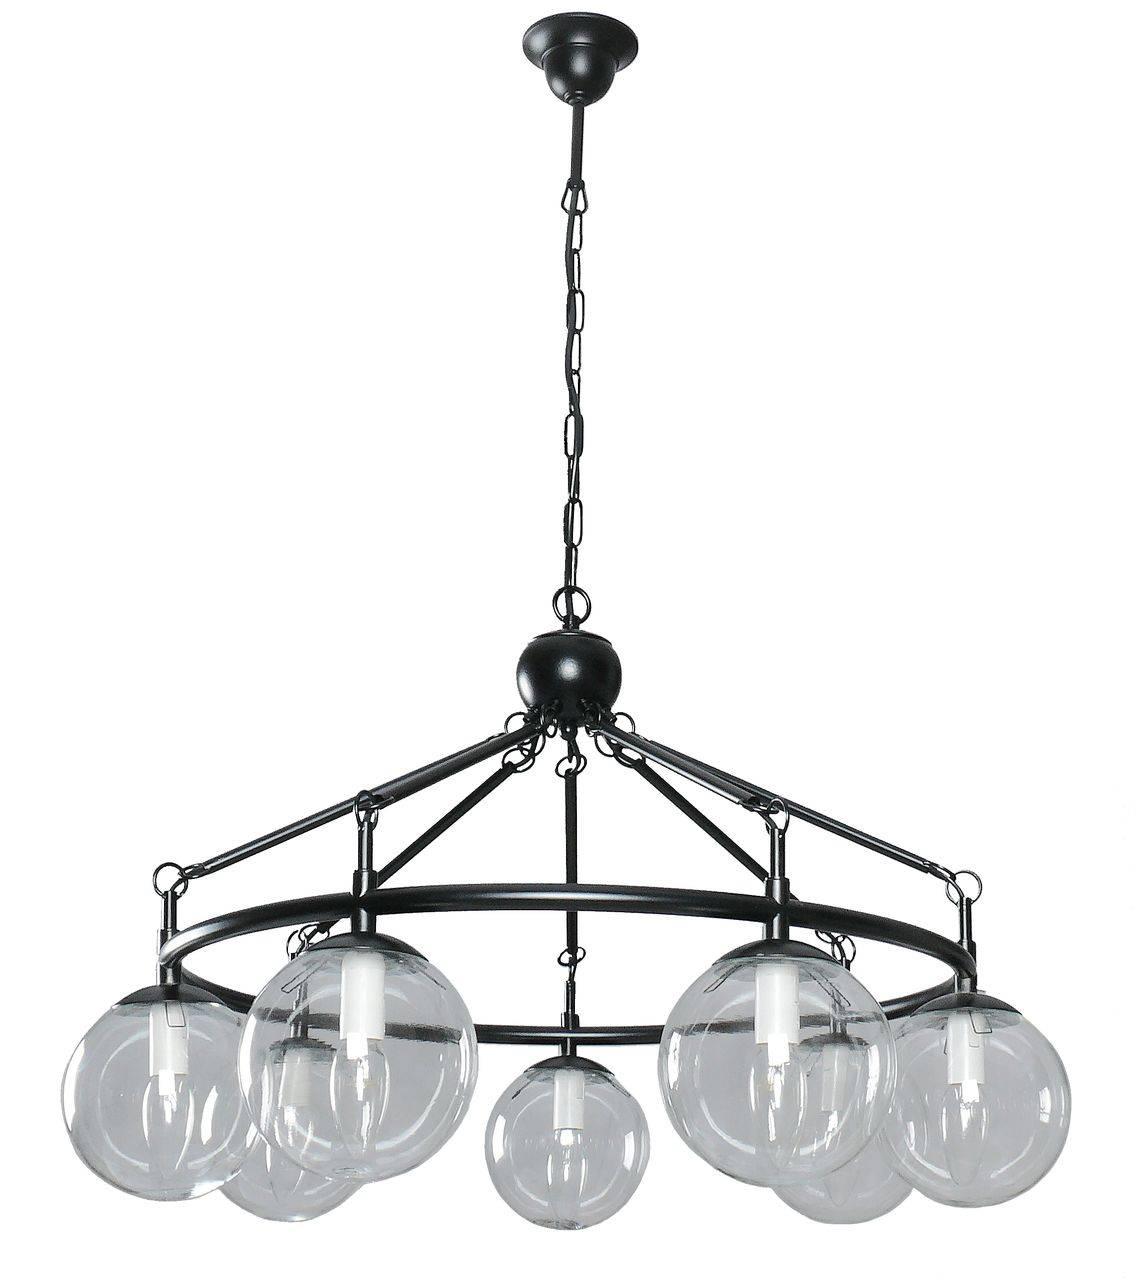 Купить Люстра дизайнерская Come в интернет магазине дизайнерской мебели и аксессуаров для дома и дачи